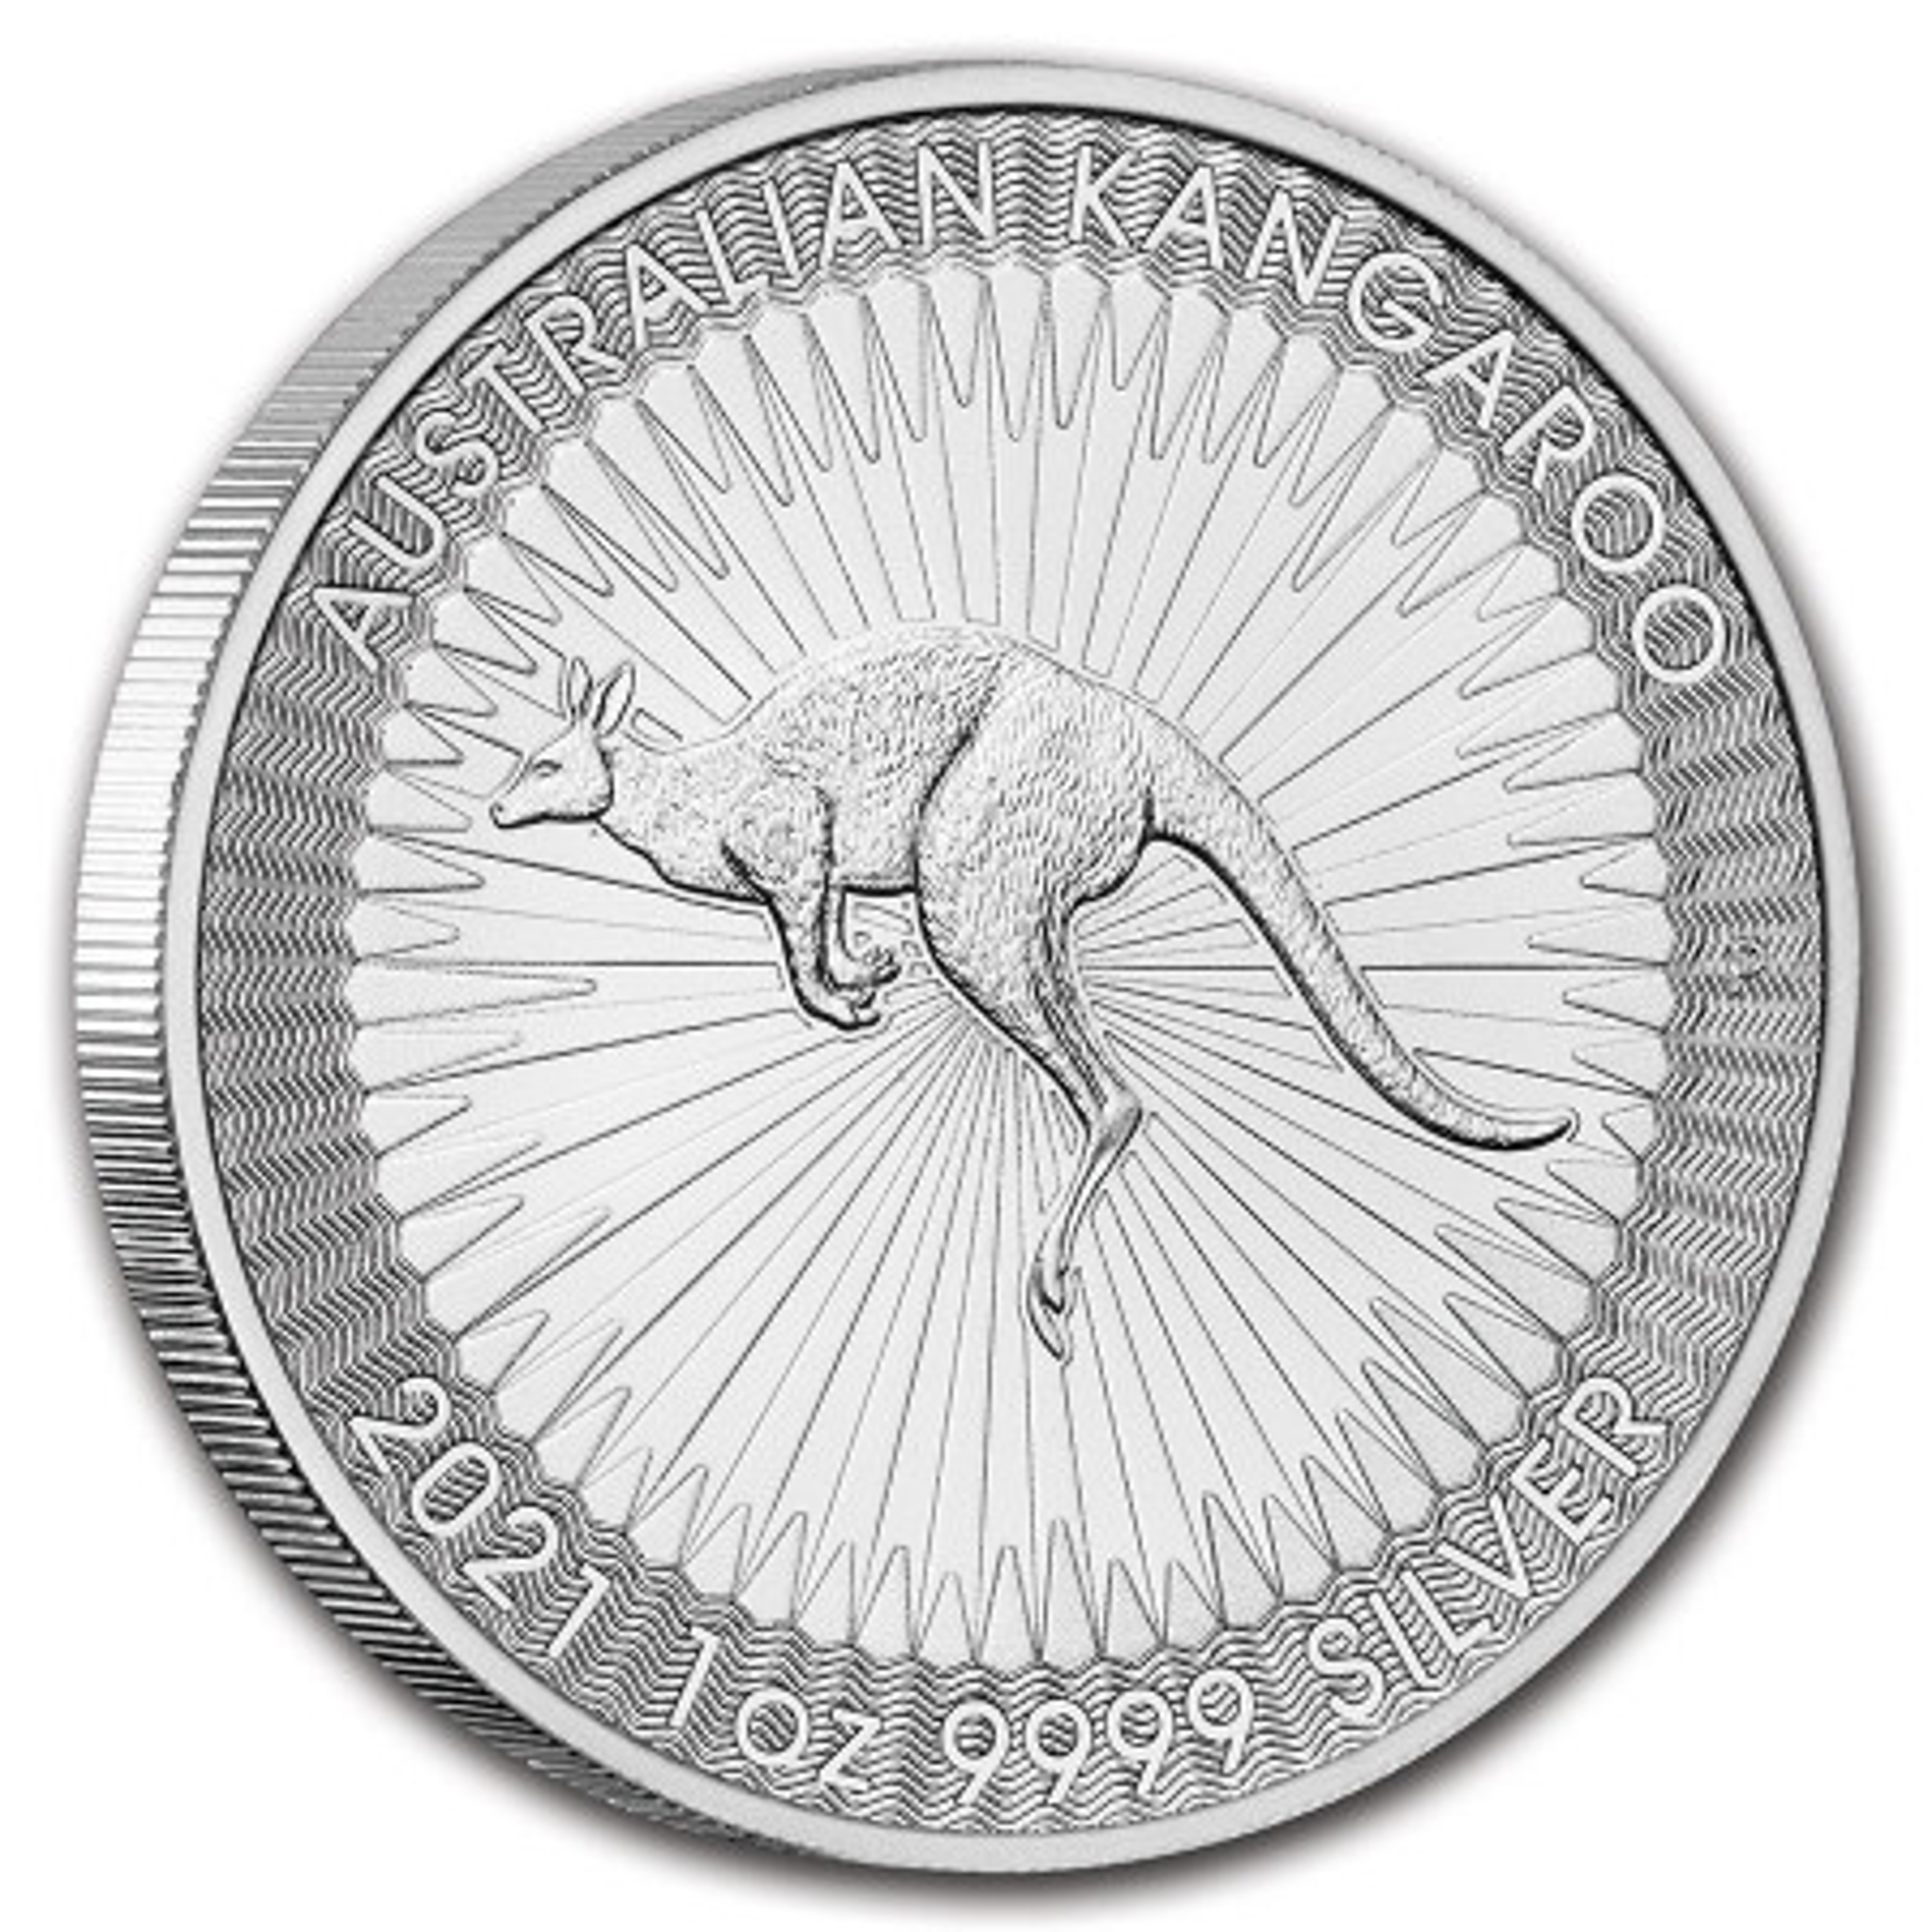 1 troy ounce zilveren Kangaroo munt  2021